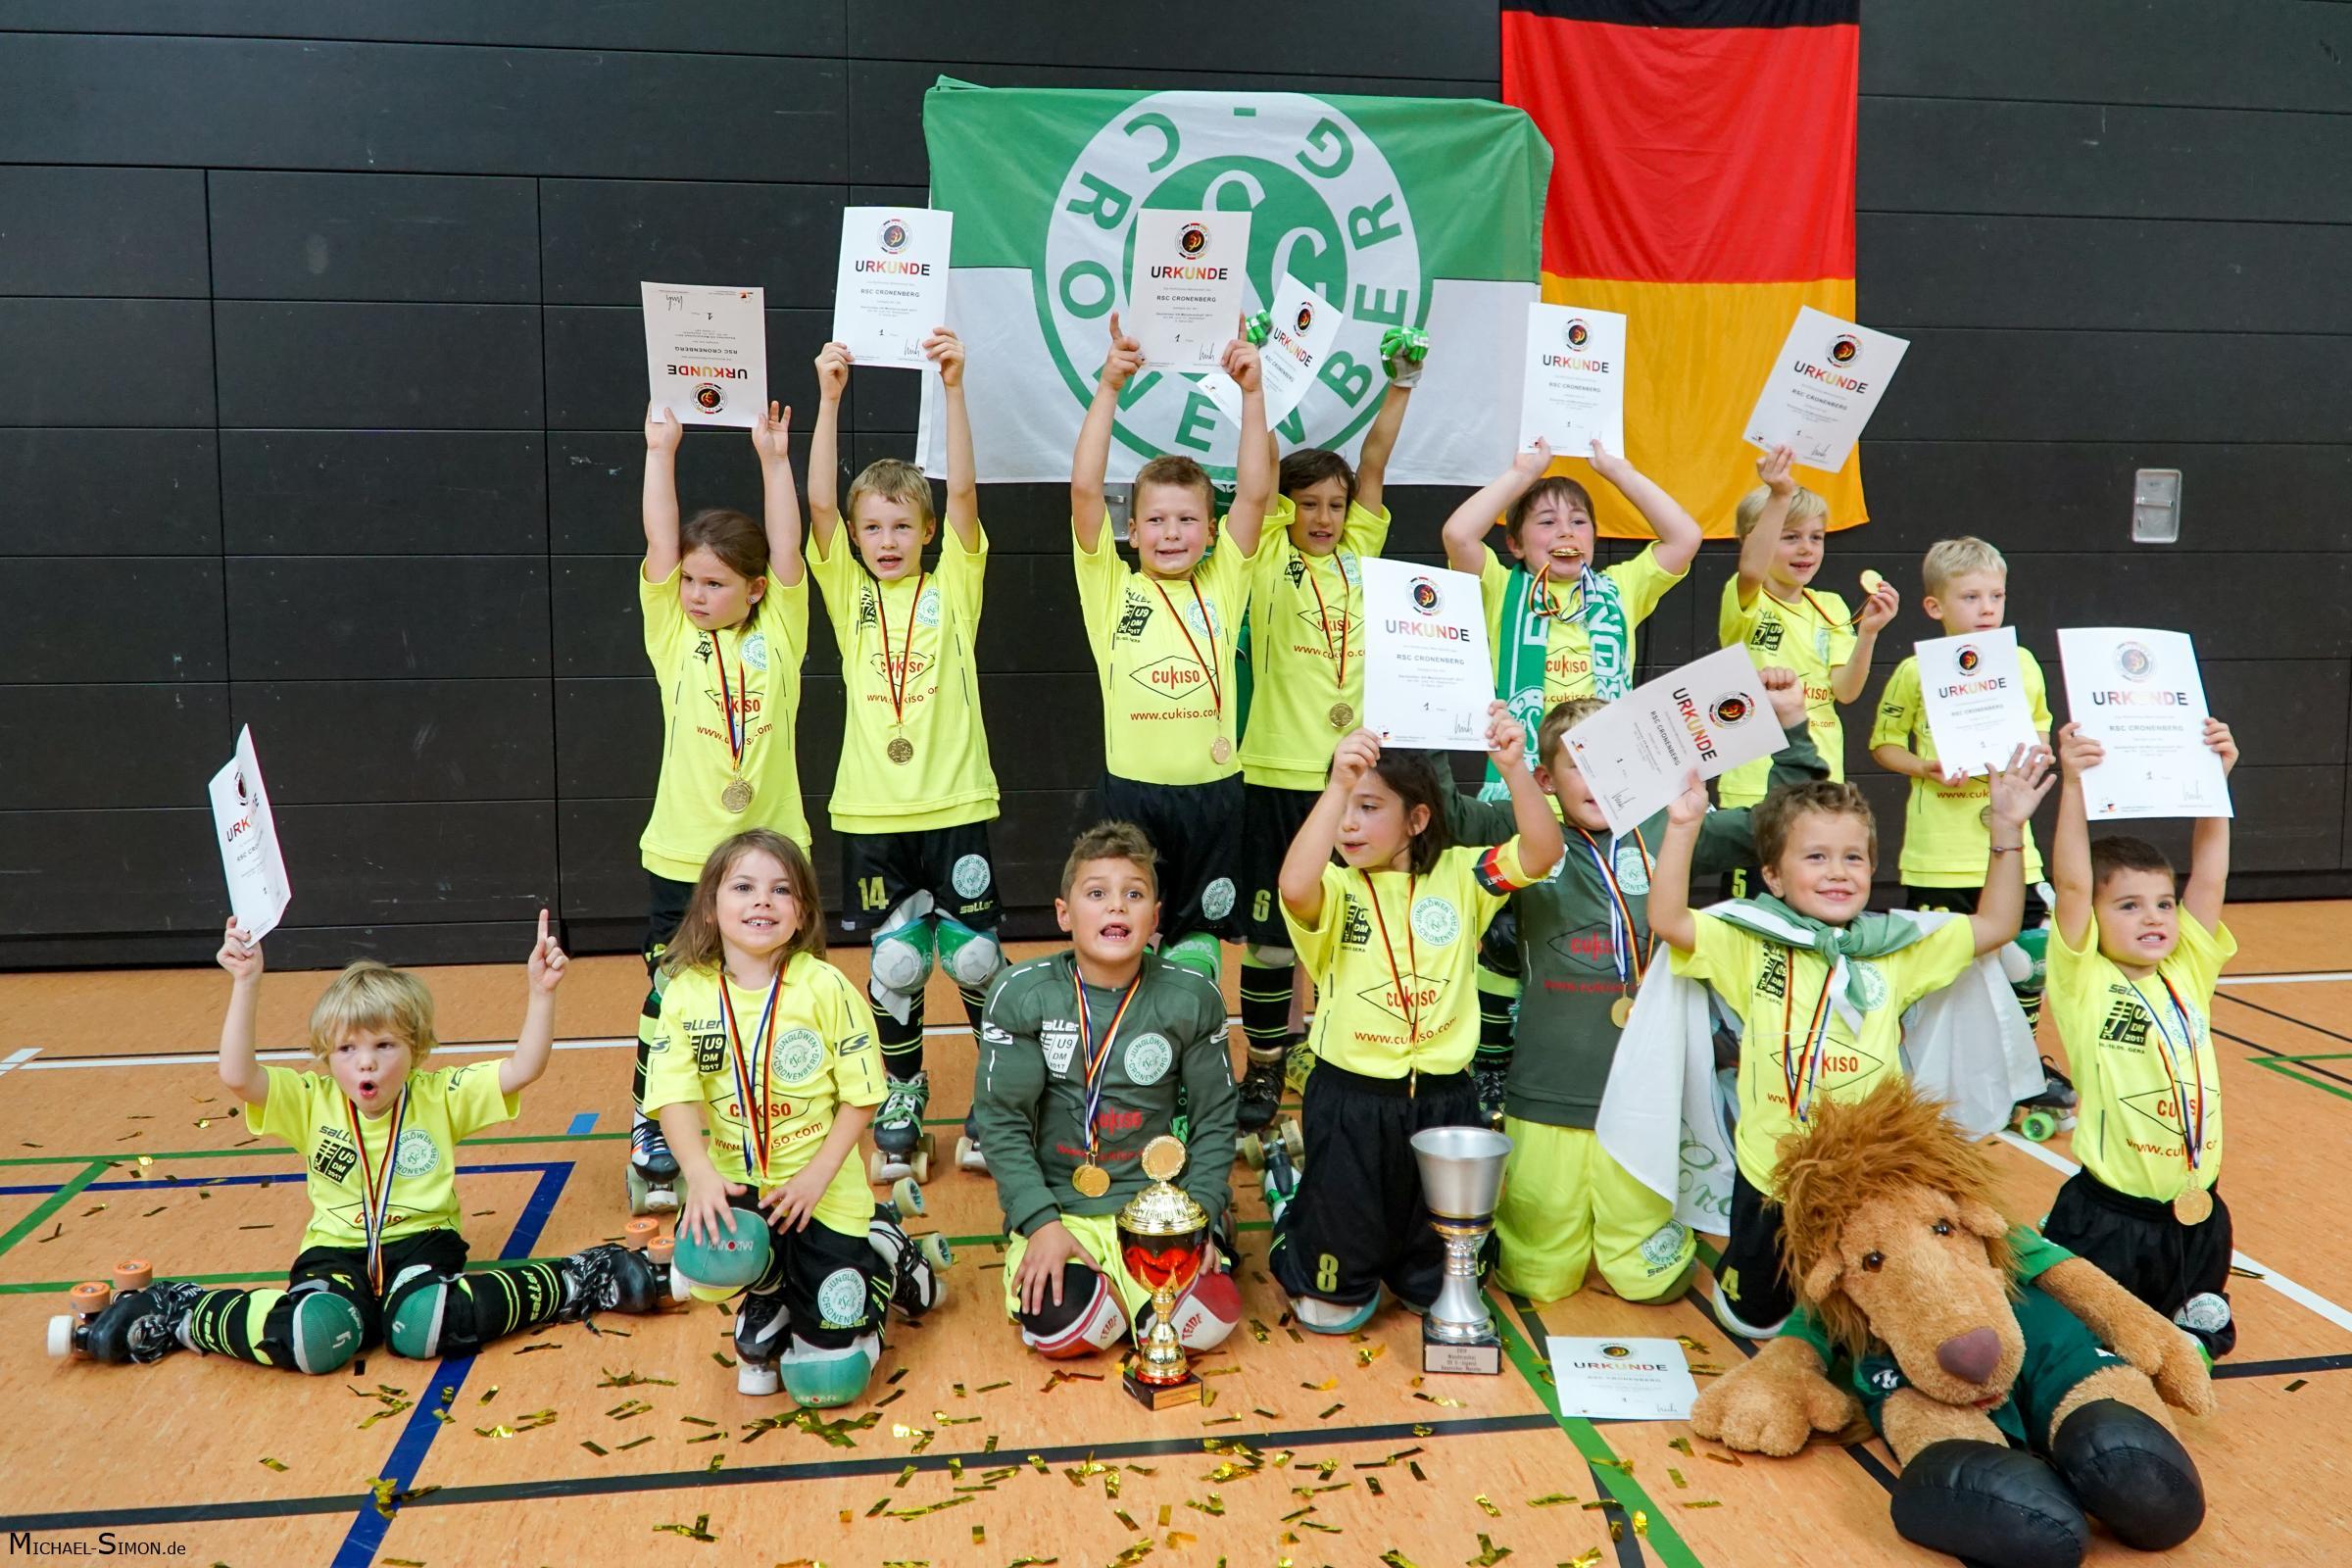 RSC Cronenberg Rollhockey Deutsche U9 Meisterschaft 2017